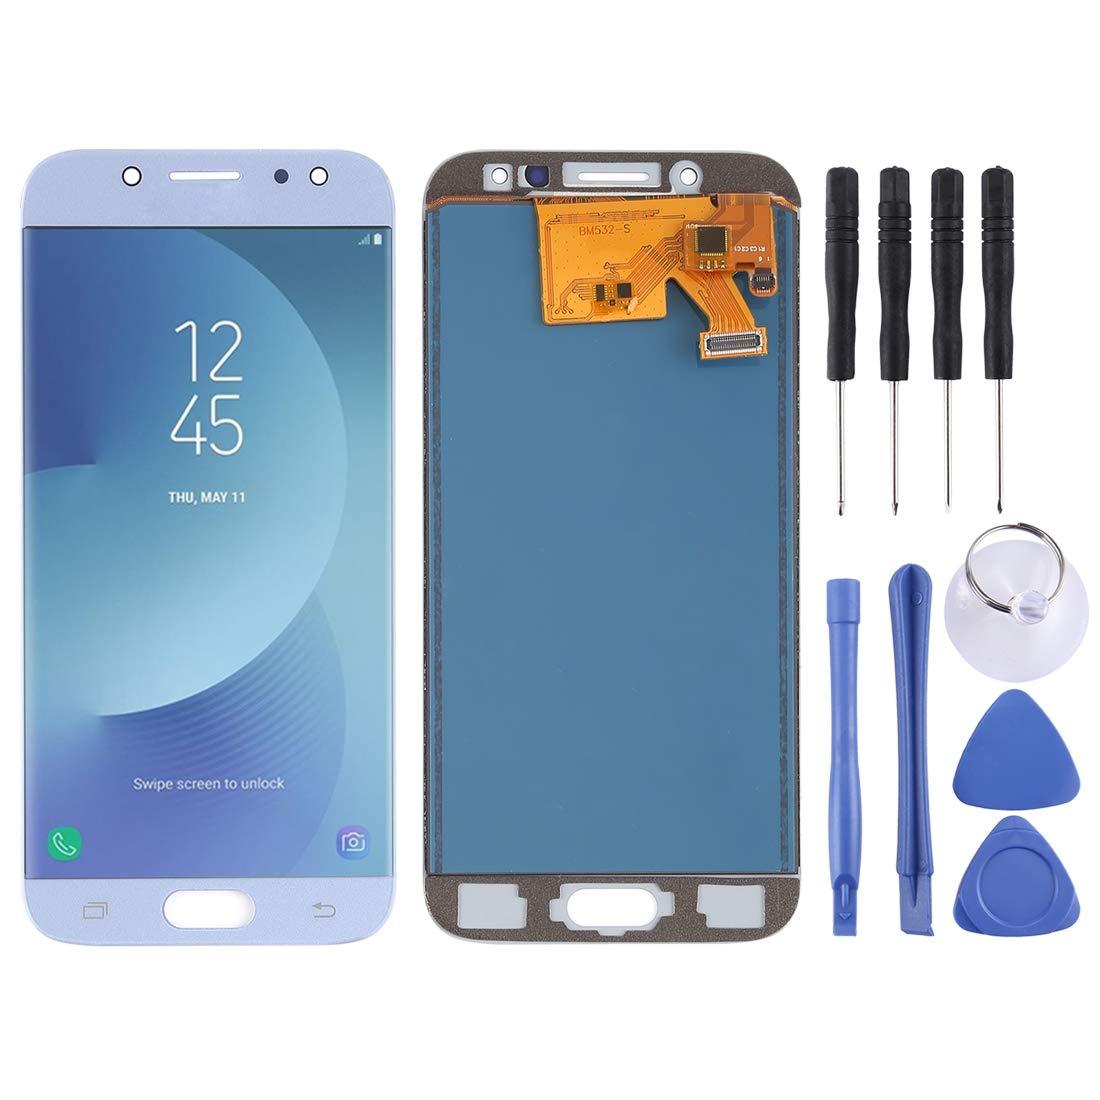 para Galaxy J5 material TFT Negro J530F // DS 2017 J530Y // DS ACCESORIOS SMART MOBILEPHONE PANT ACCESORIOS DE TELEFONO MOVIL INTELIGENTE Pantalla LCD COU y ensamblaje completo del digitalizador